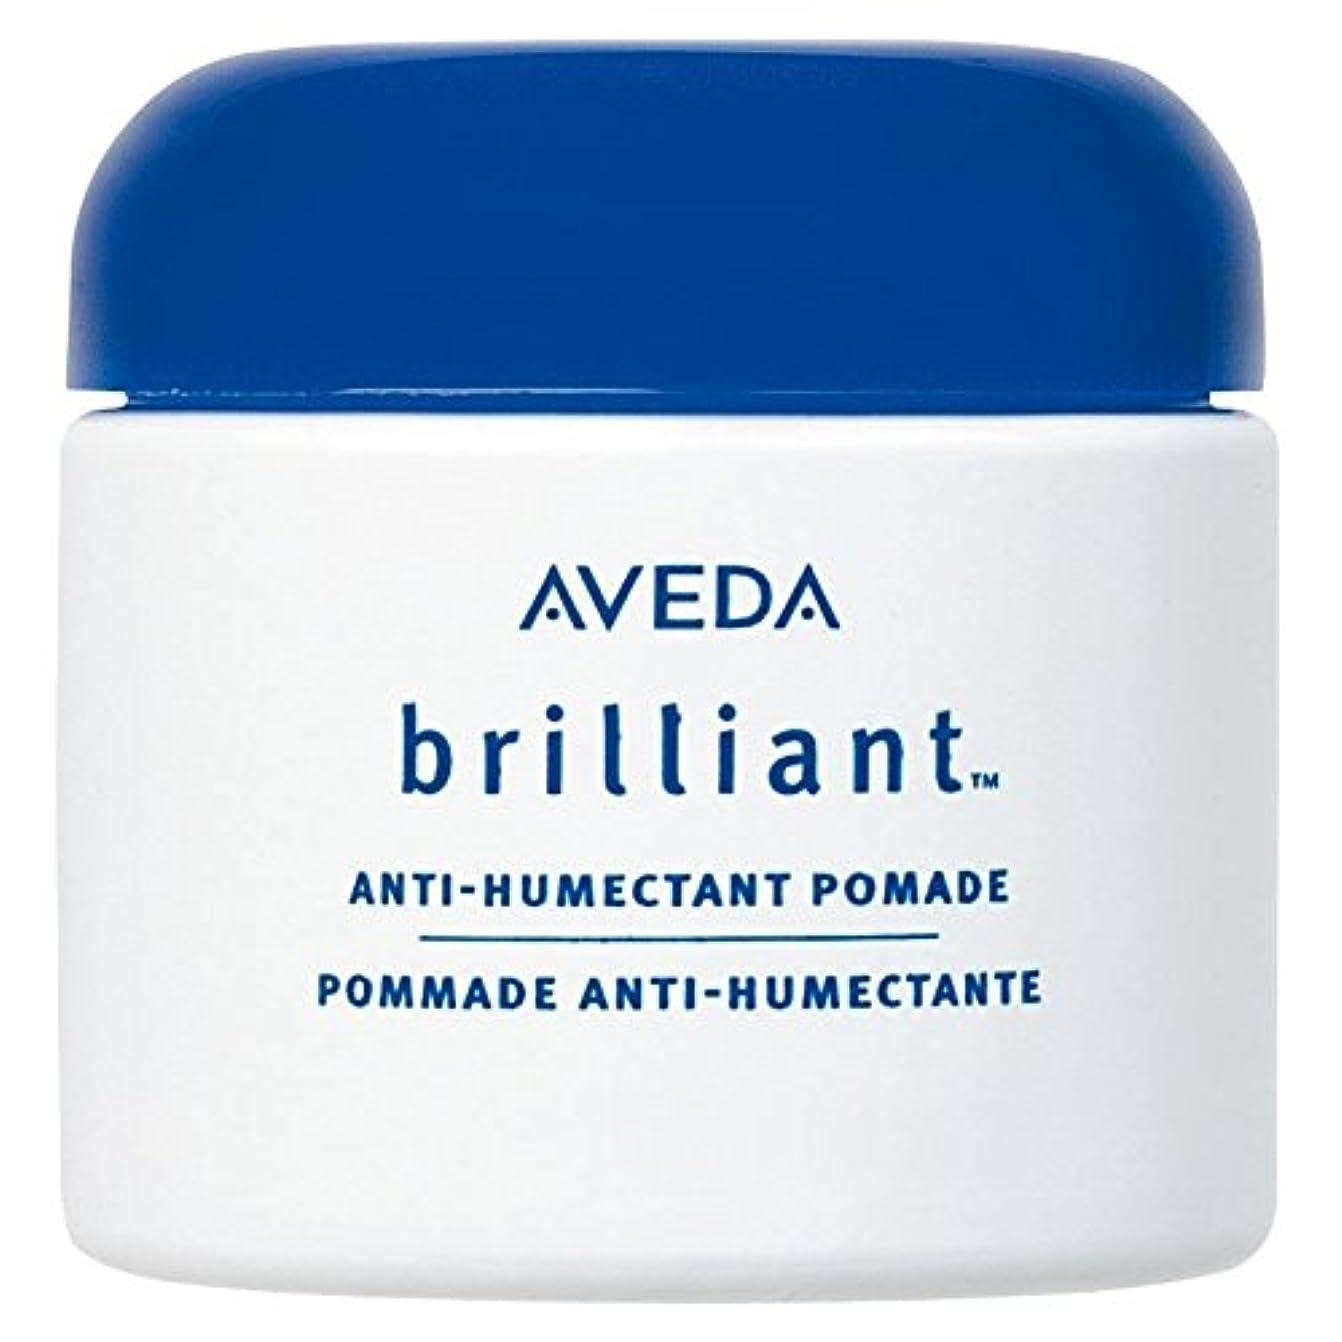 スペシャリスト煩わしい精査する[AVEDA] アヴェダ華麗な抗湿潤剤のポマードの75ミリリットル - Aveda Brilliant Anti-Humectant Pomade 75ml [並行輸入品]